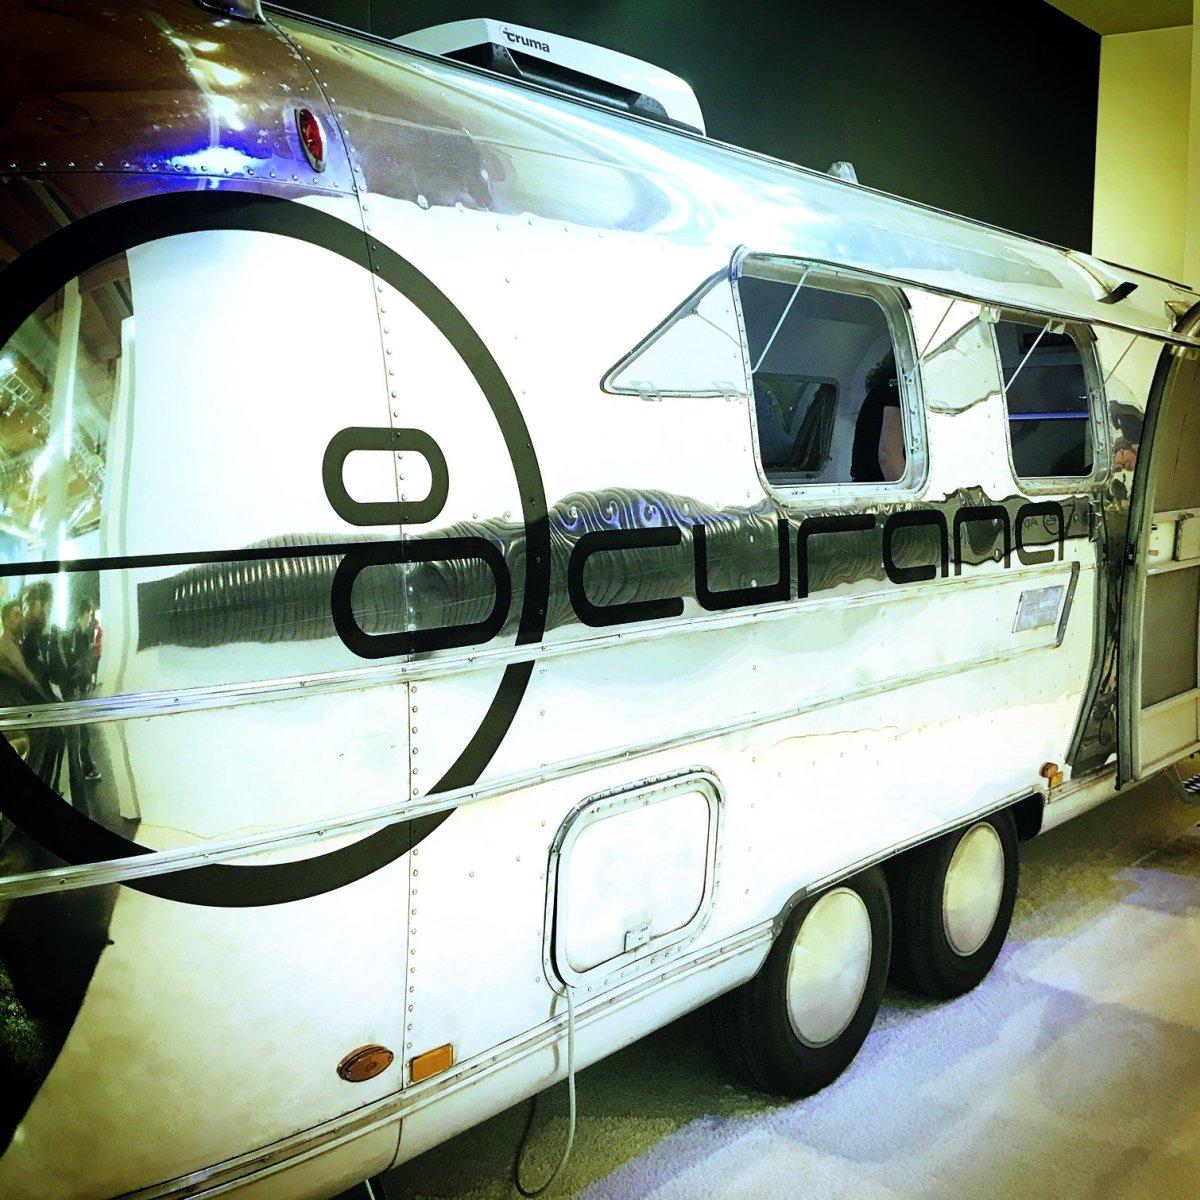 Airstream Mobile Lounge Messestand Eurobike closeup